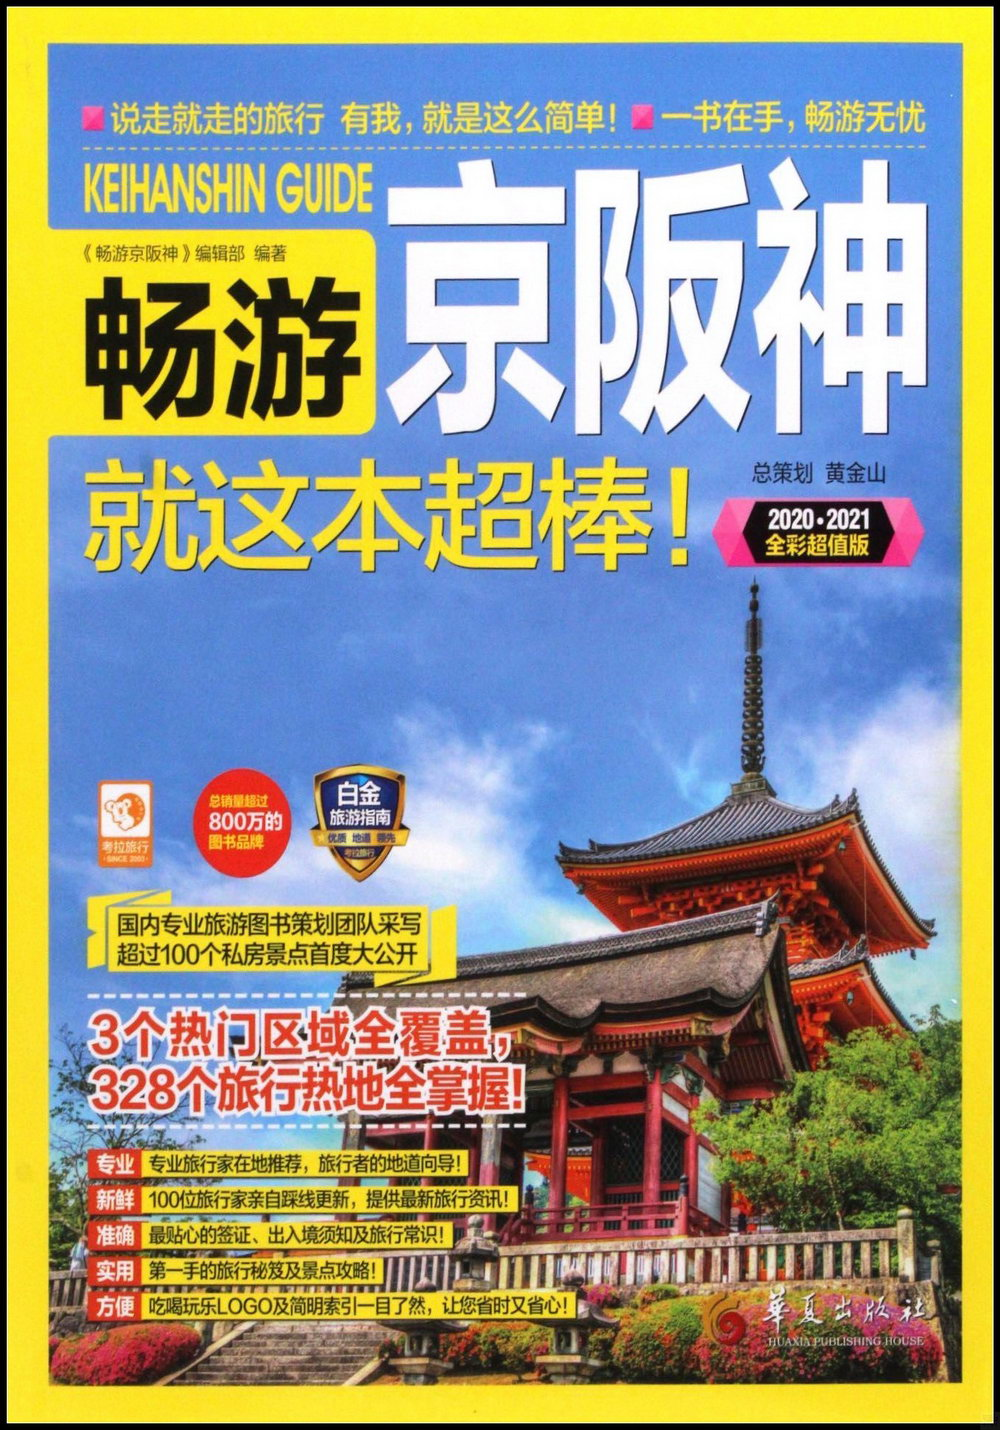 暢遊京阪神就這本超棒!(2020·2021全彩超值版)